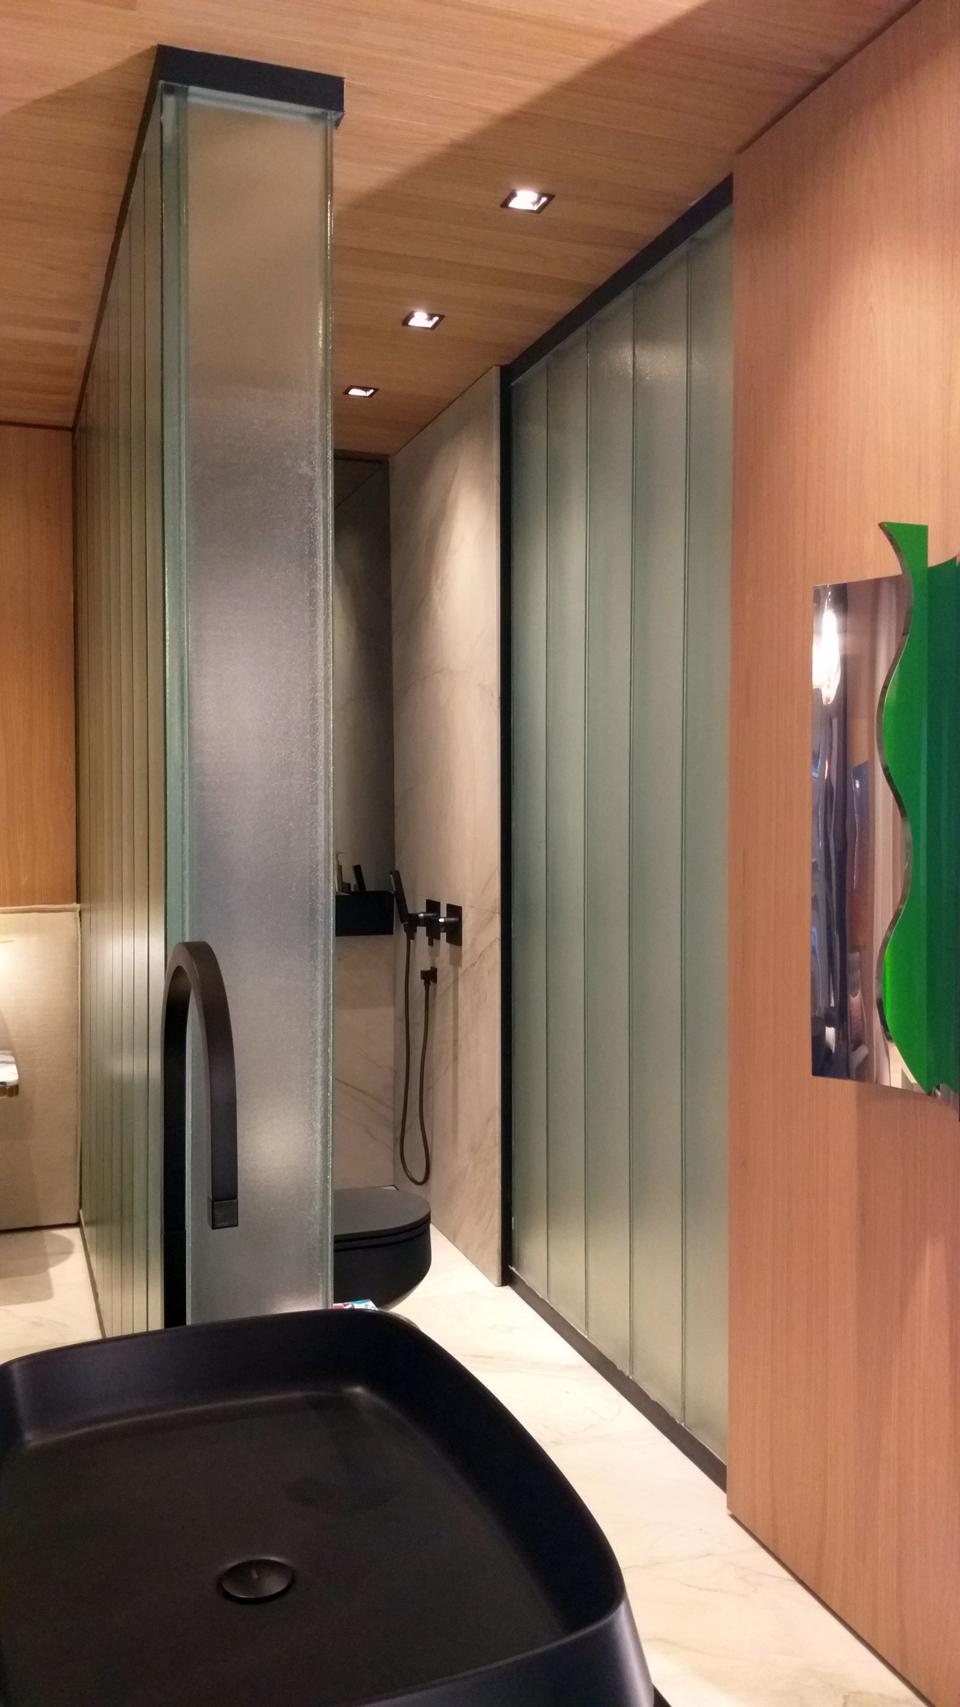 Recortes e combinação de diferentes materiais na estrutura drywall utilizada no projeto de Olegário de Sá.